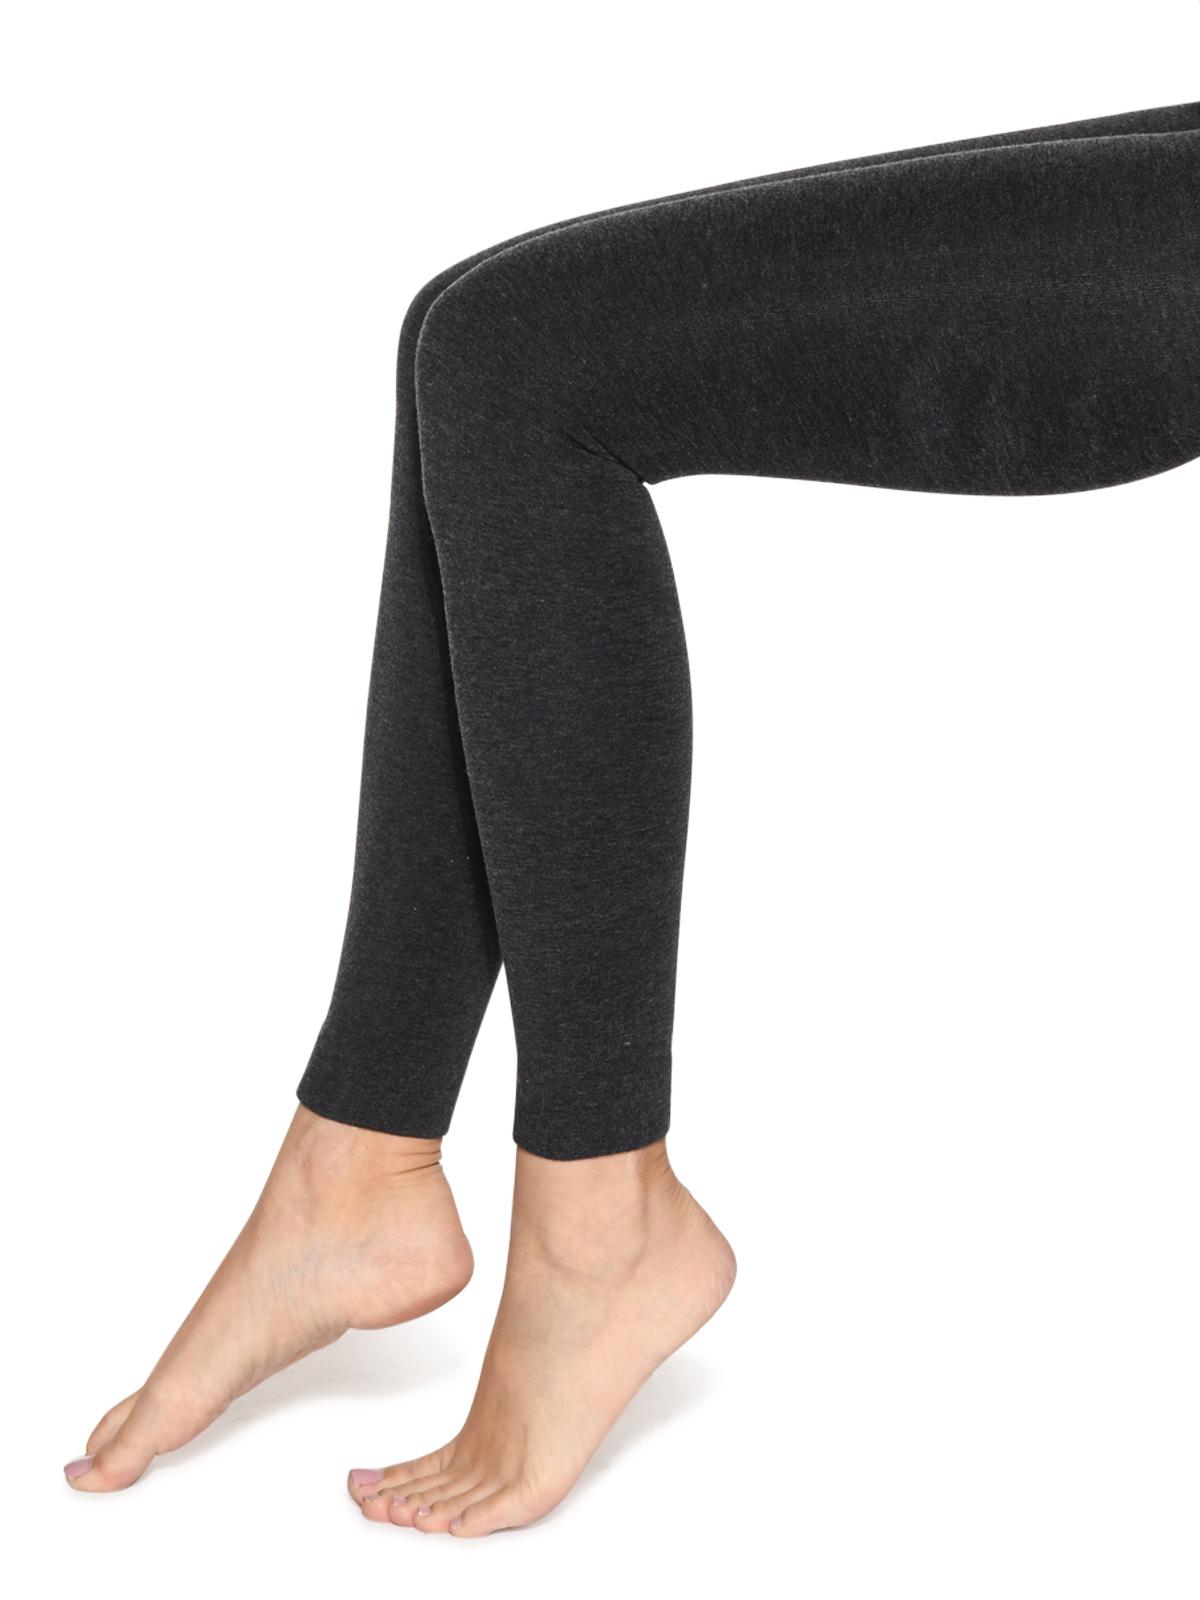 bis zu 25% reduziert: warme Leggings & Hosen für Damen